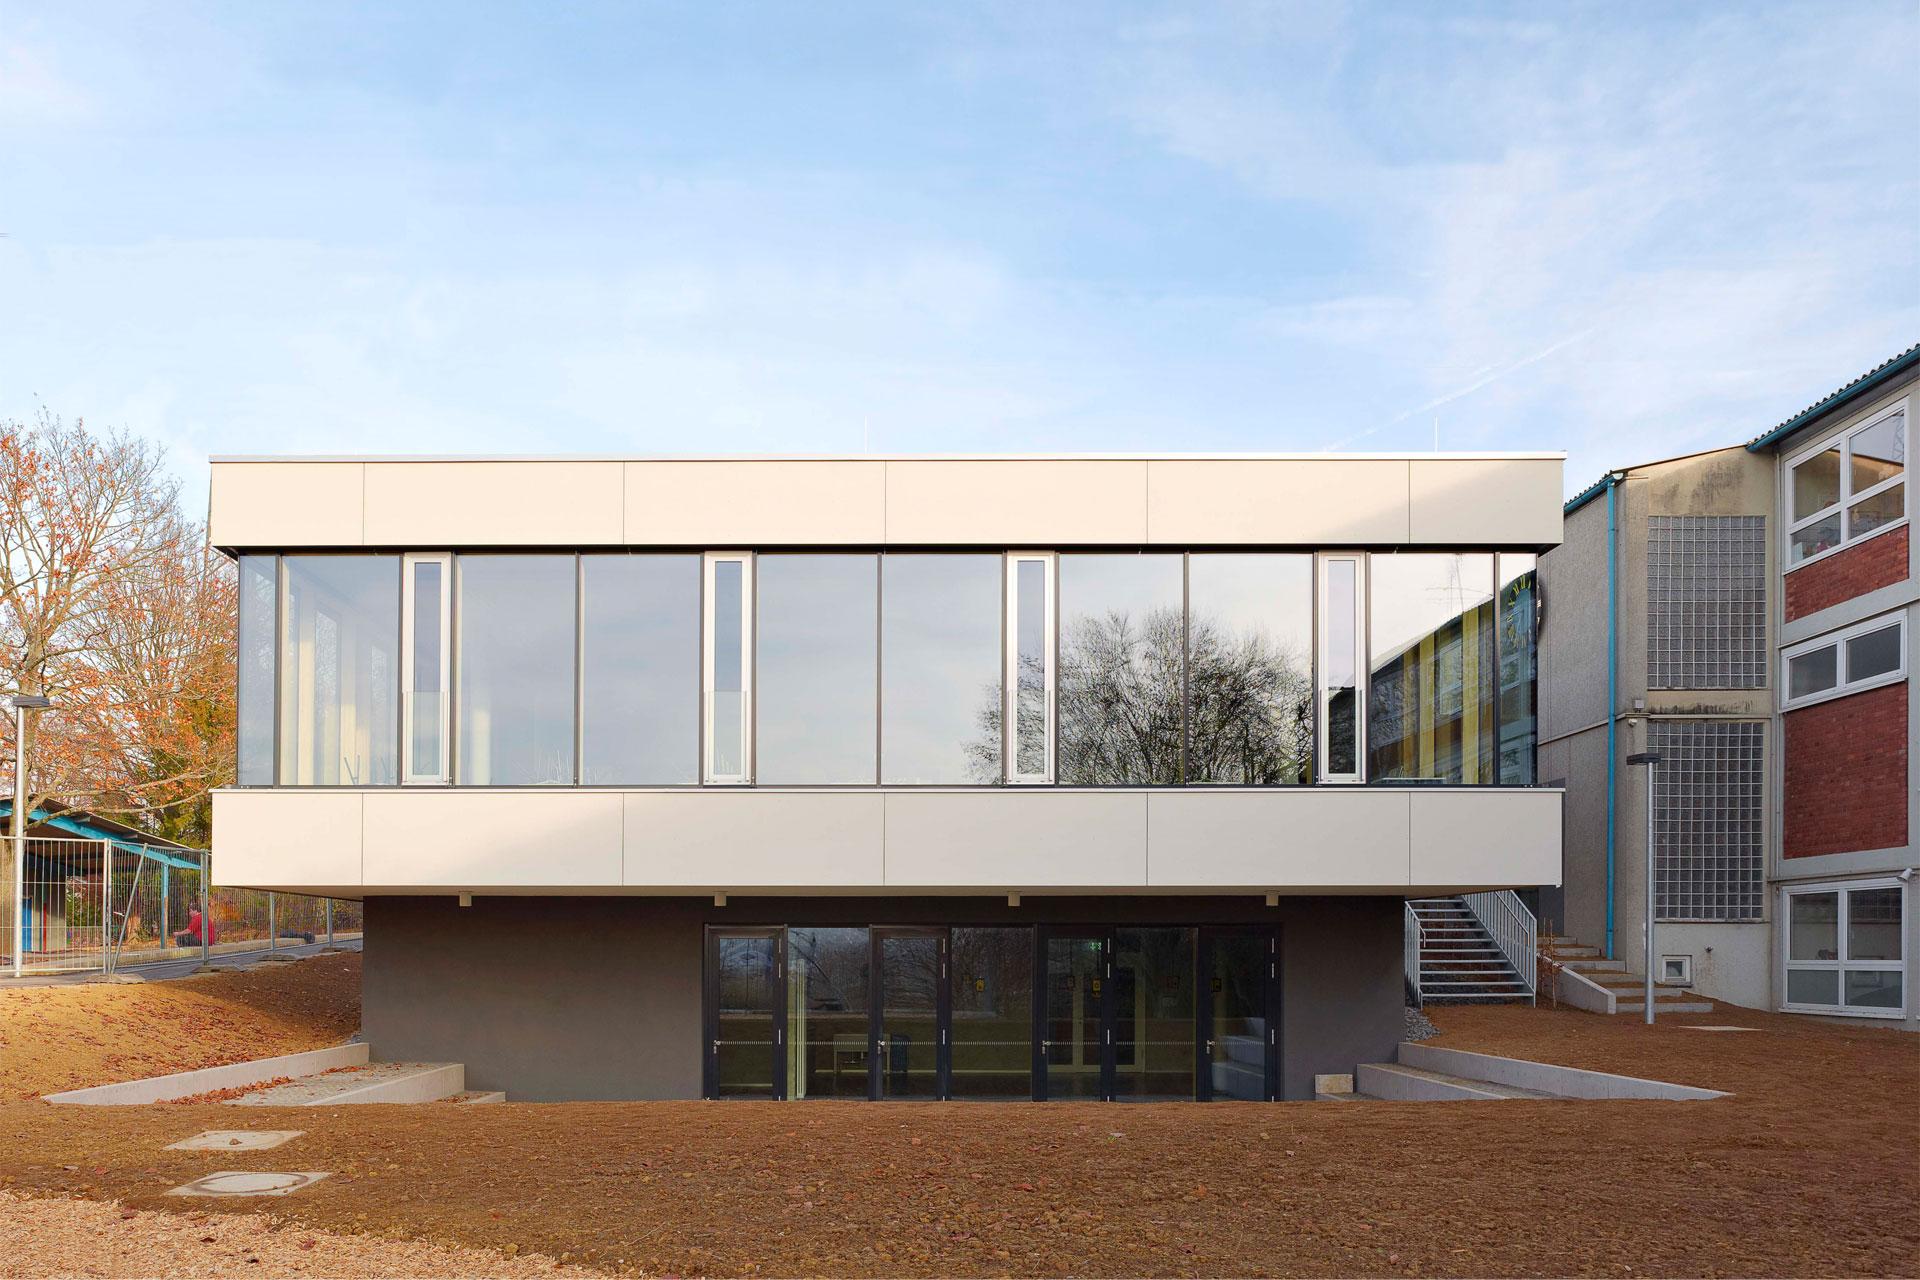 Architekt, Schülermensa, Verglasung Außenbereich